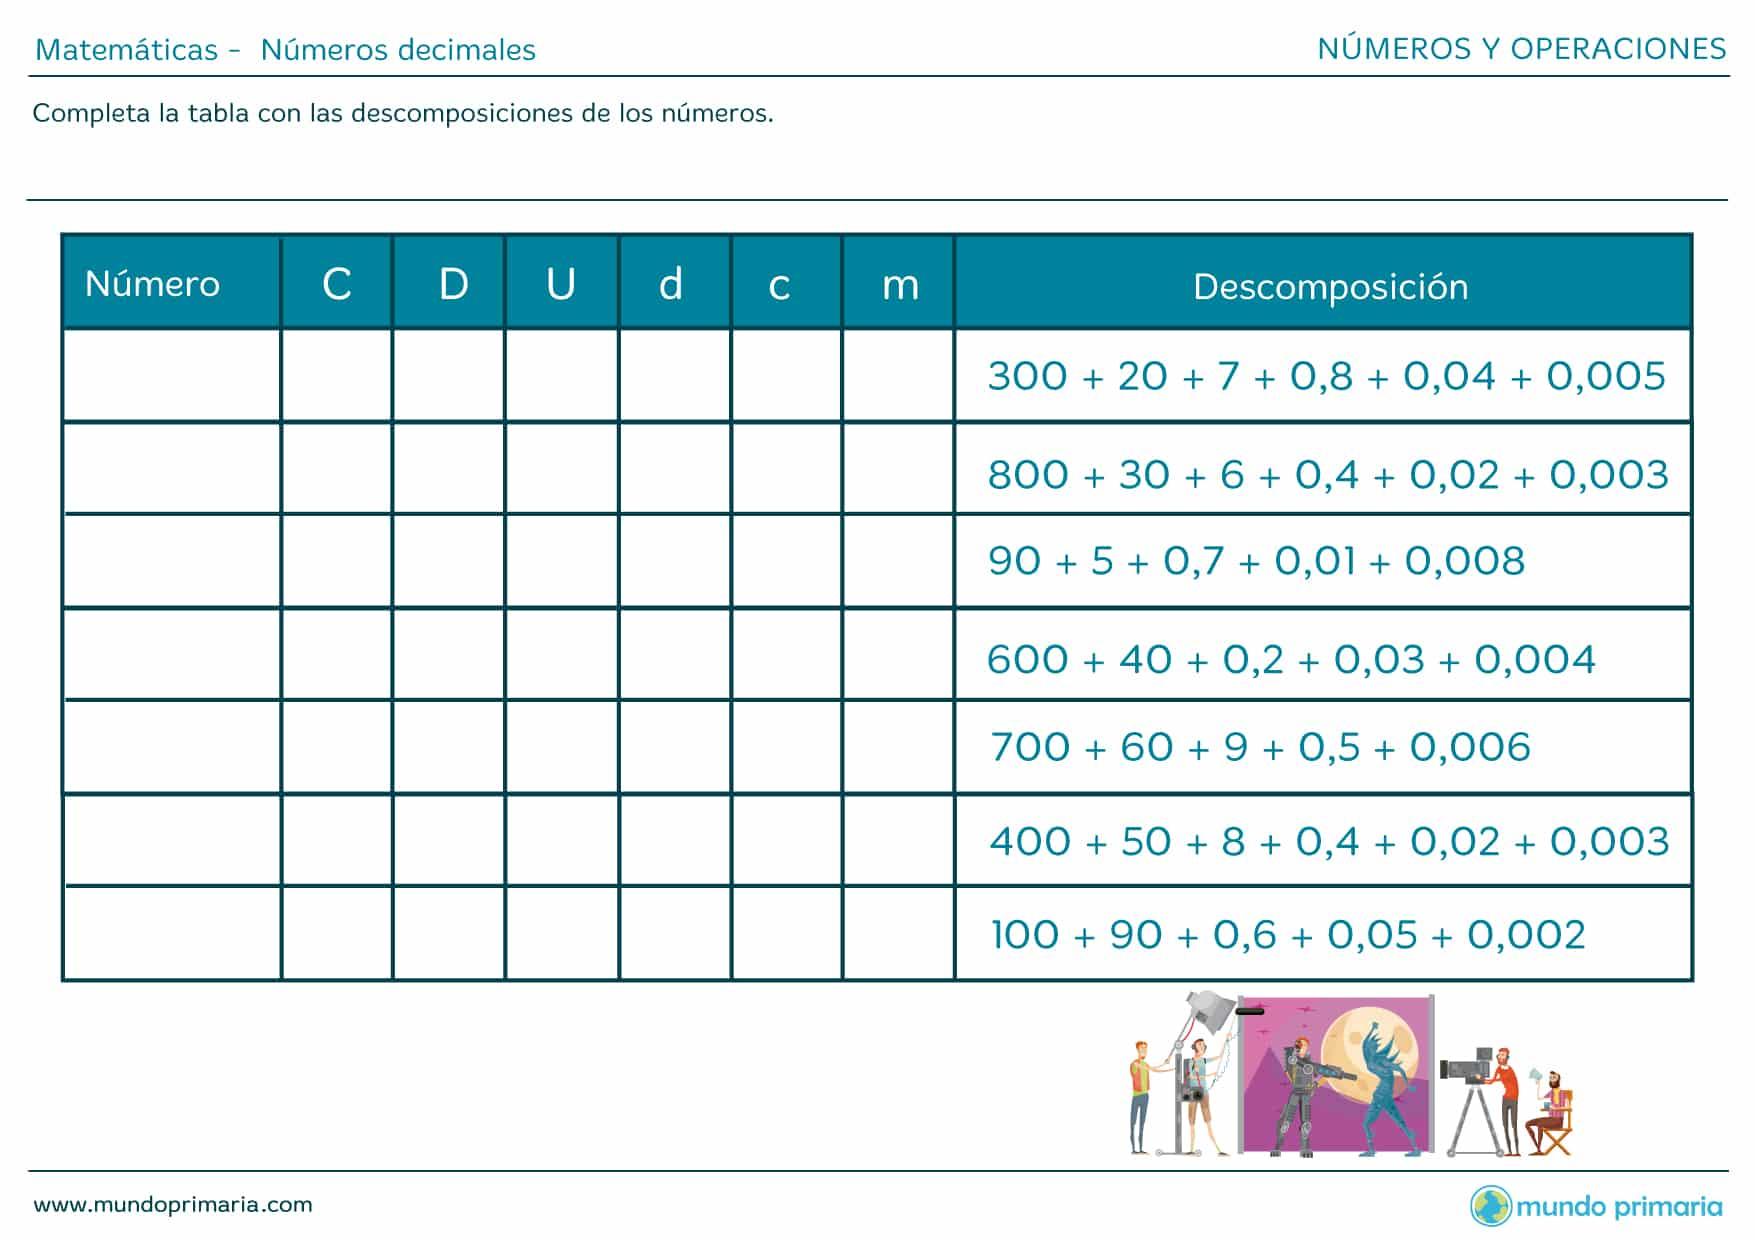 Fichadescomponer10